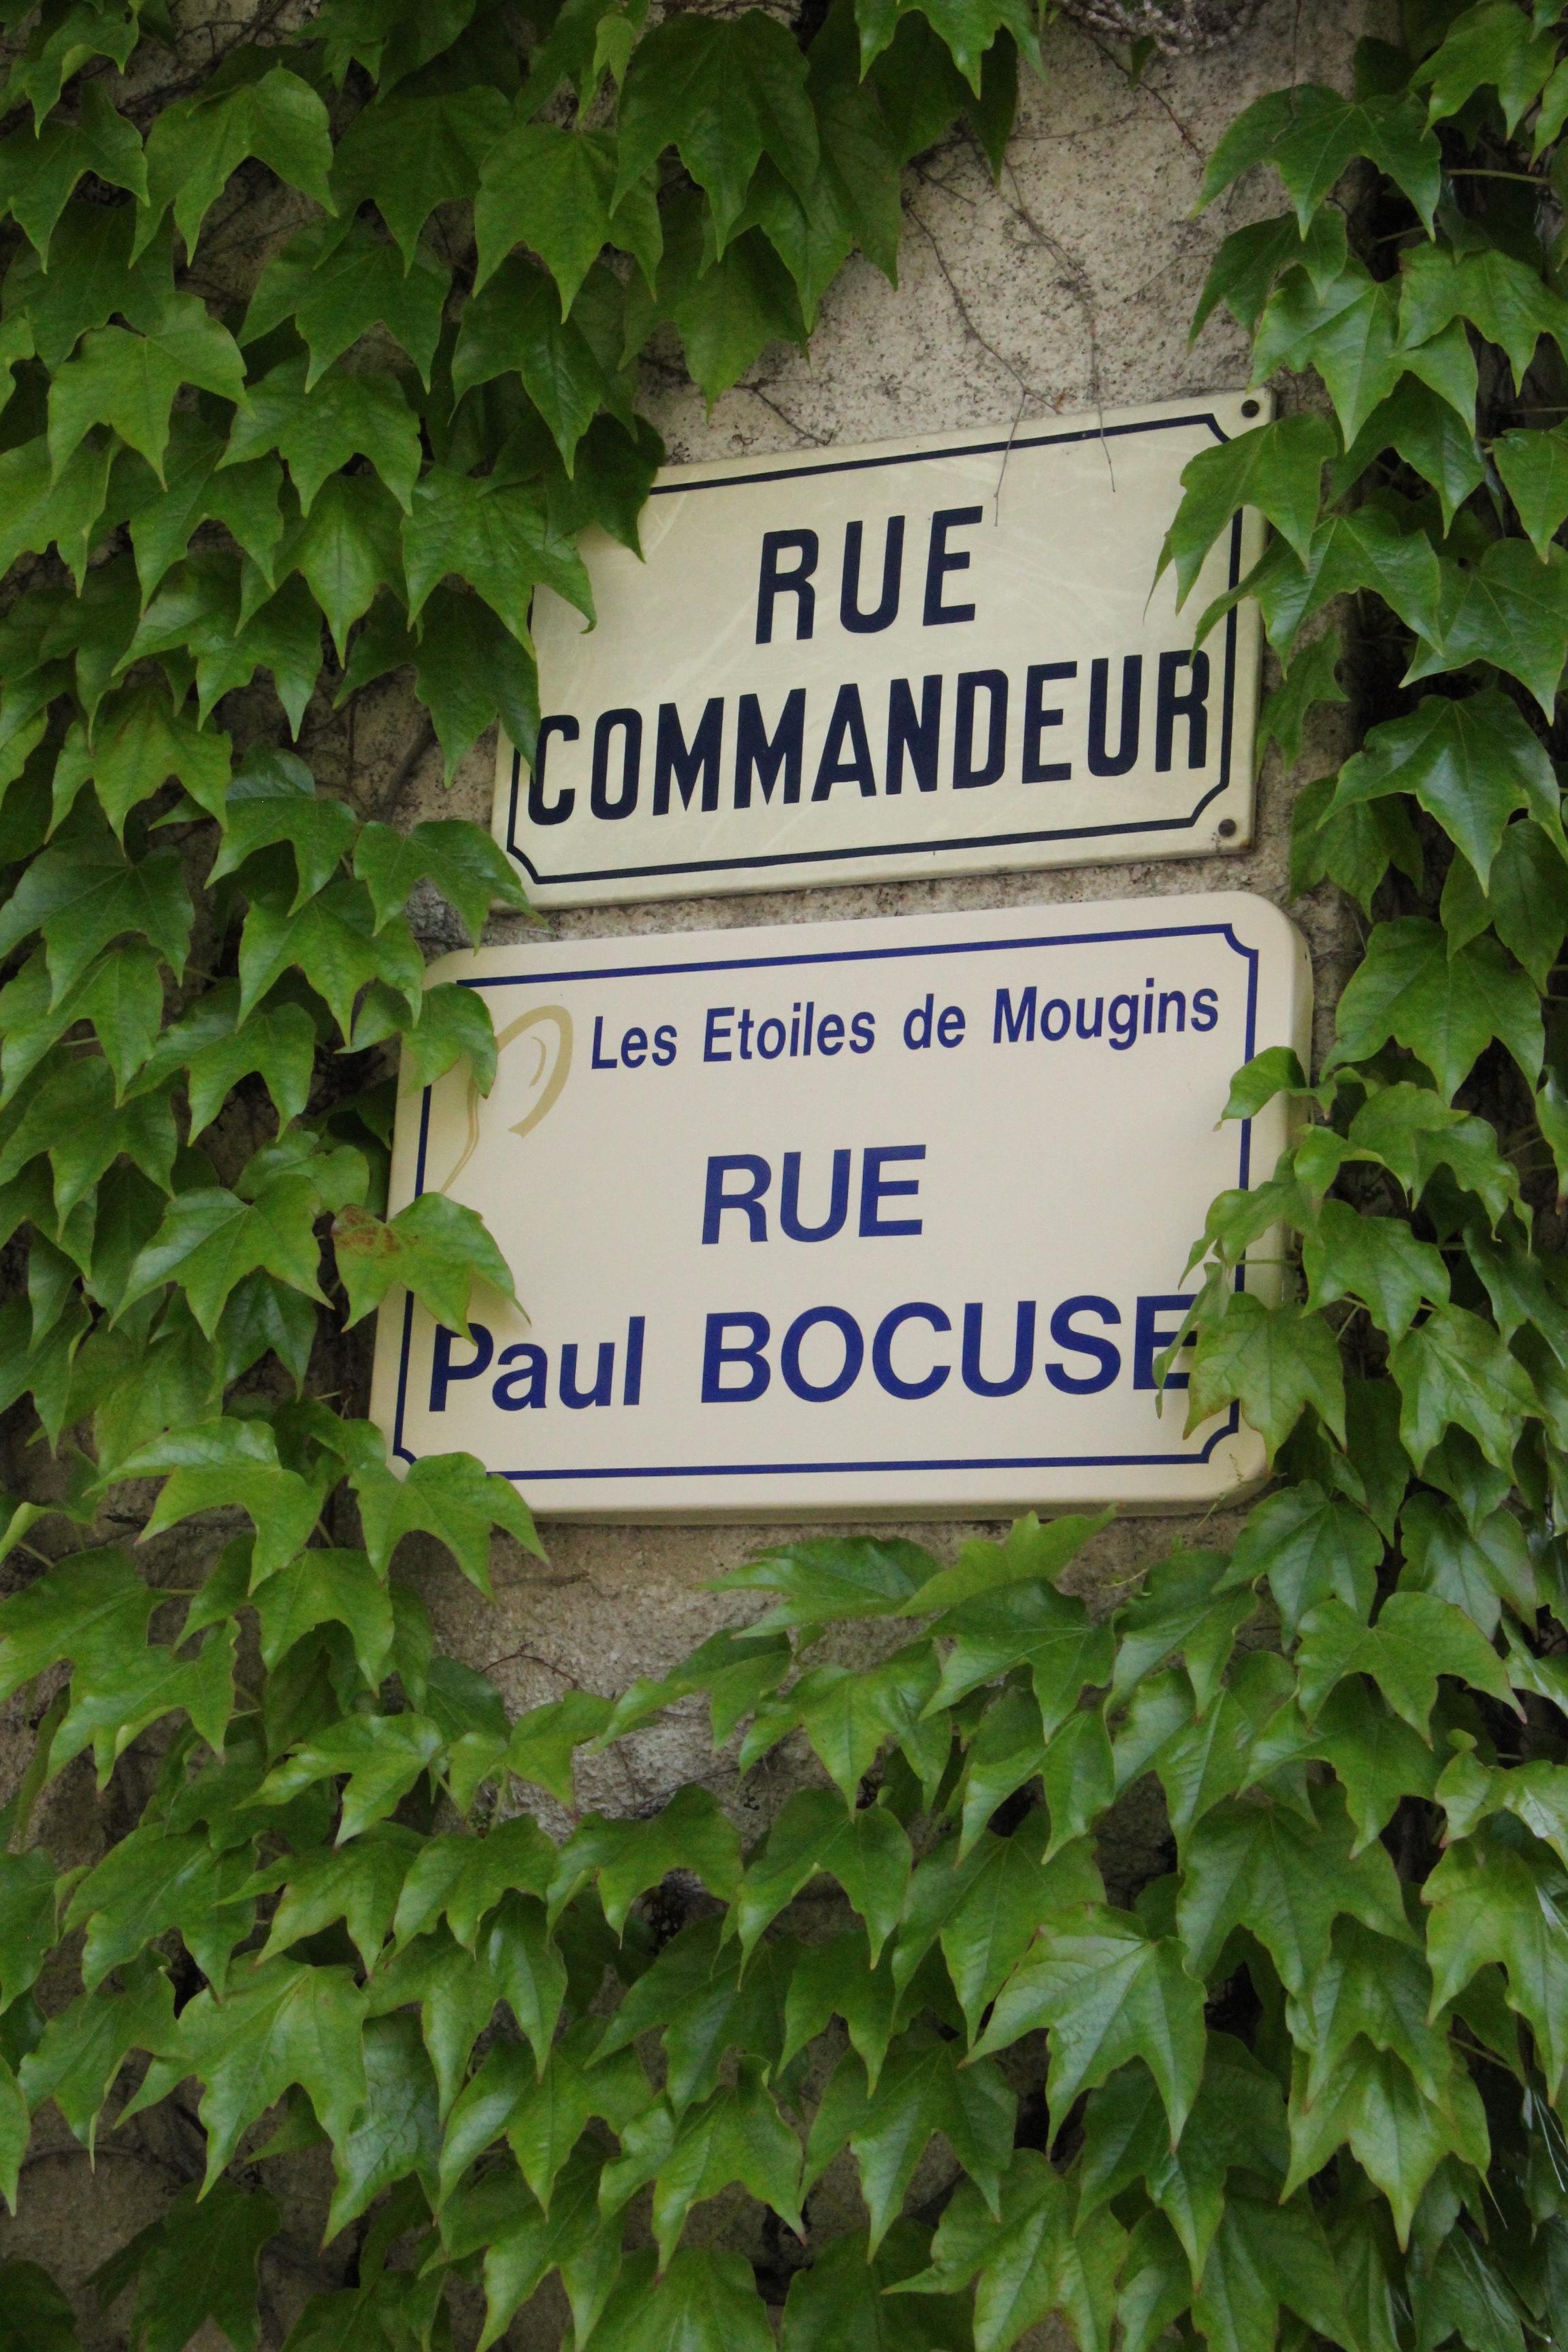 Rue Paul Bocuse